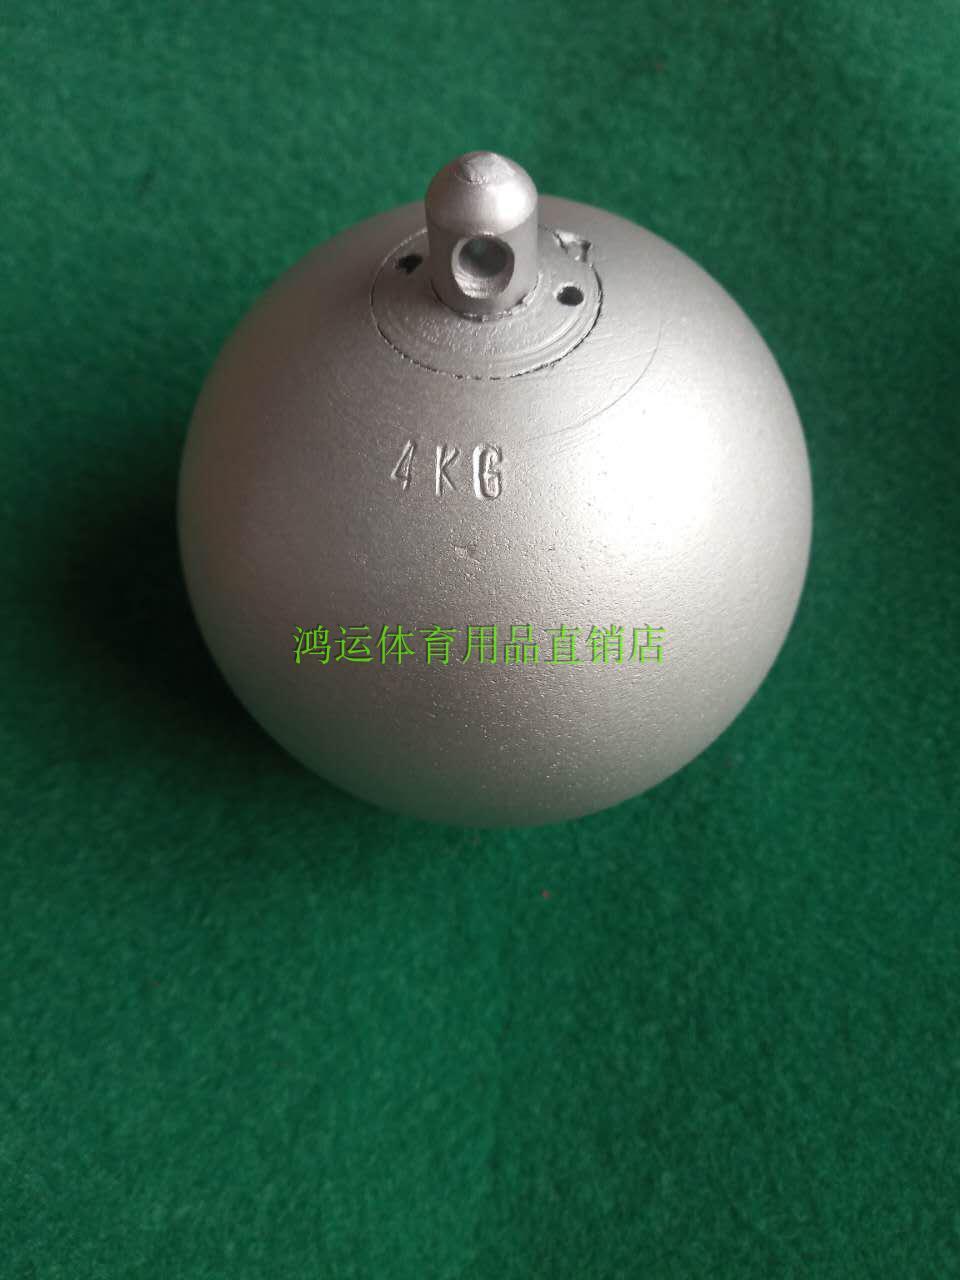 Конкуренция использование чугун цепь мяч 1kg2kg3kg4kg5kg6kg7 .26kg поле путь статьи стандарт провод цепь мяч